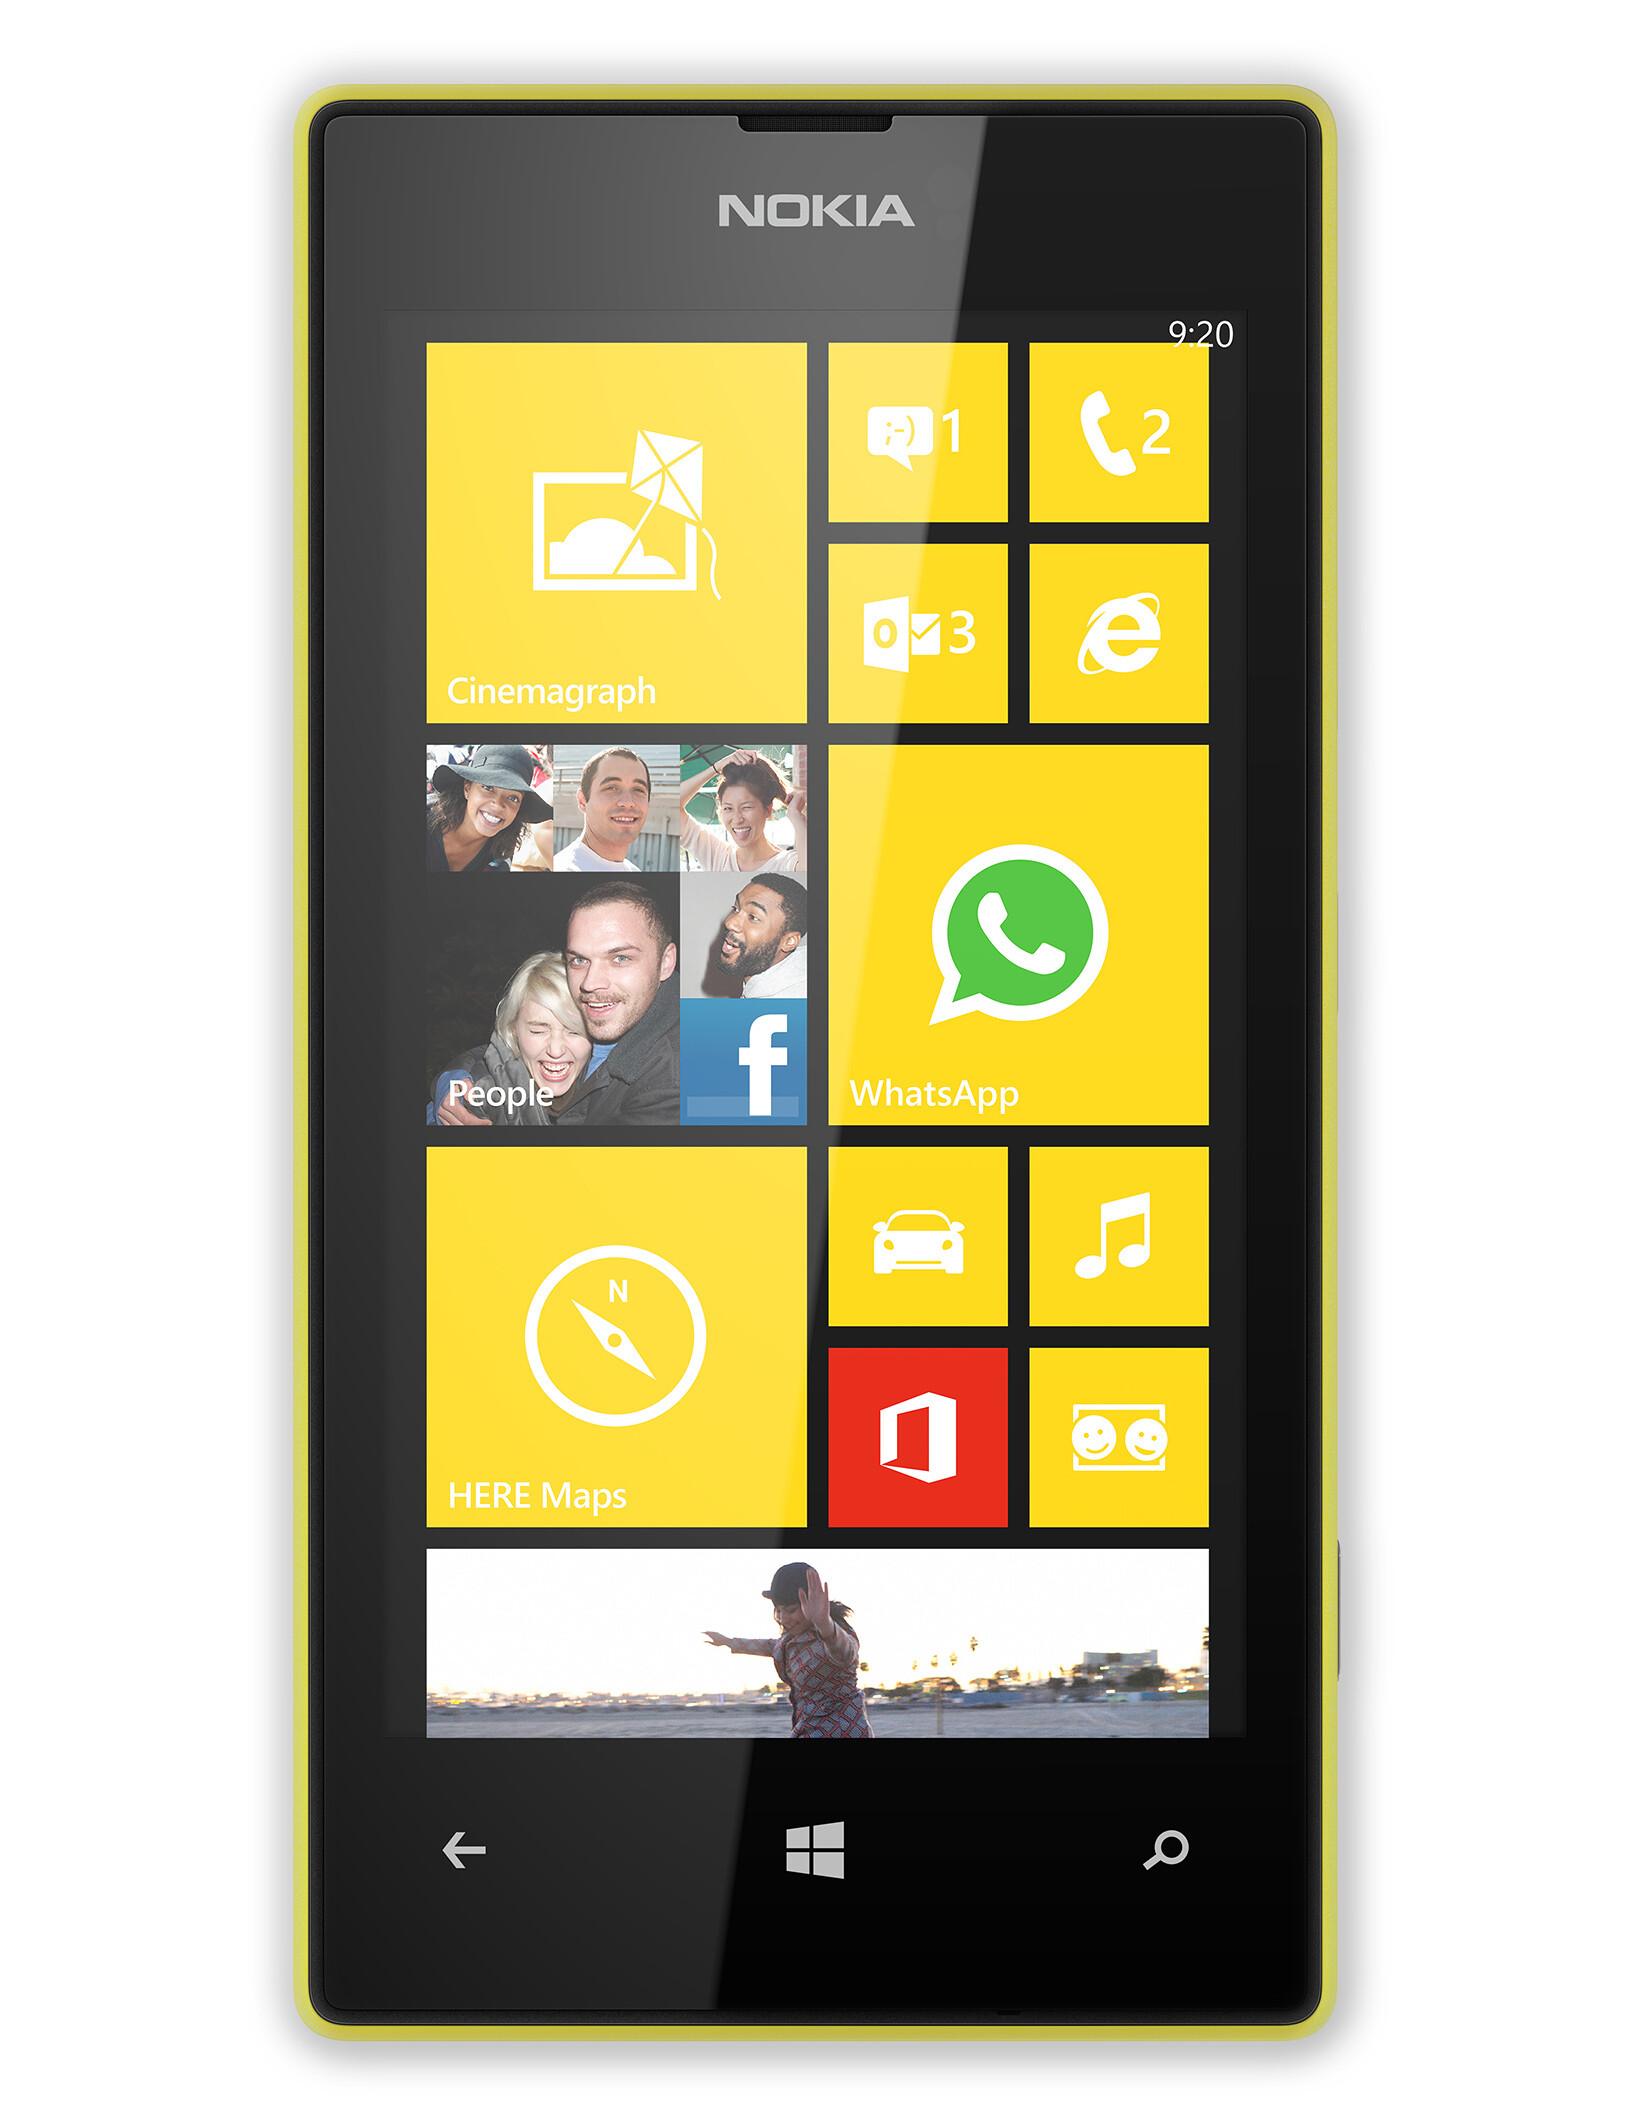 Nokia lumia 520 photos nokia lumia 520 sciox Images